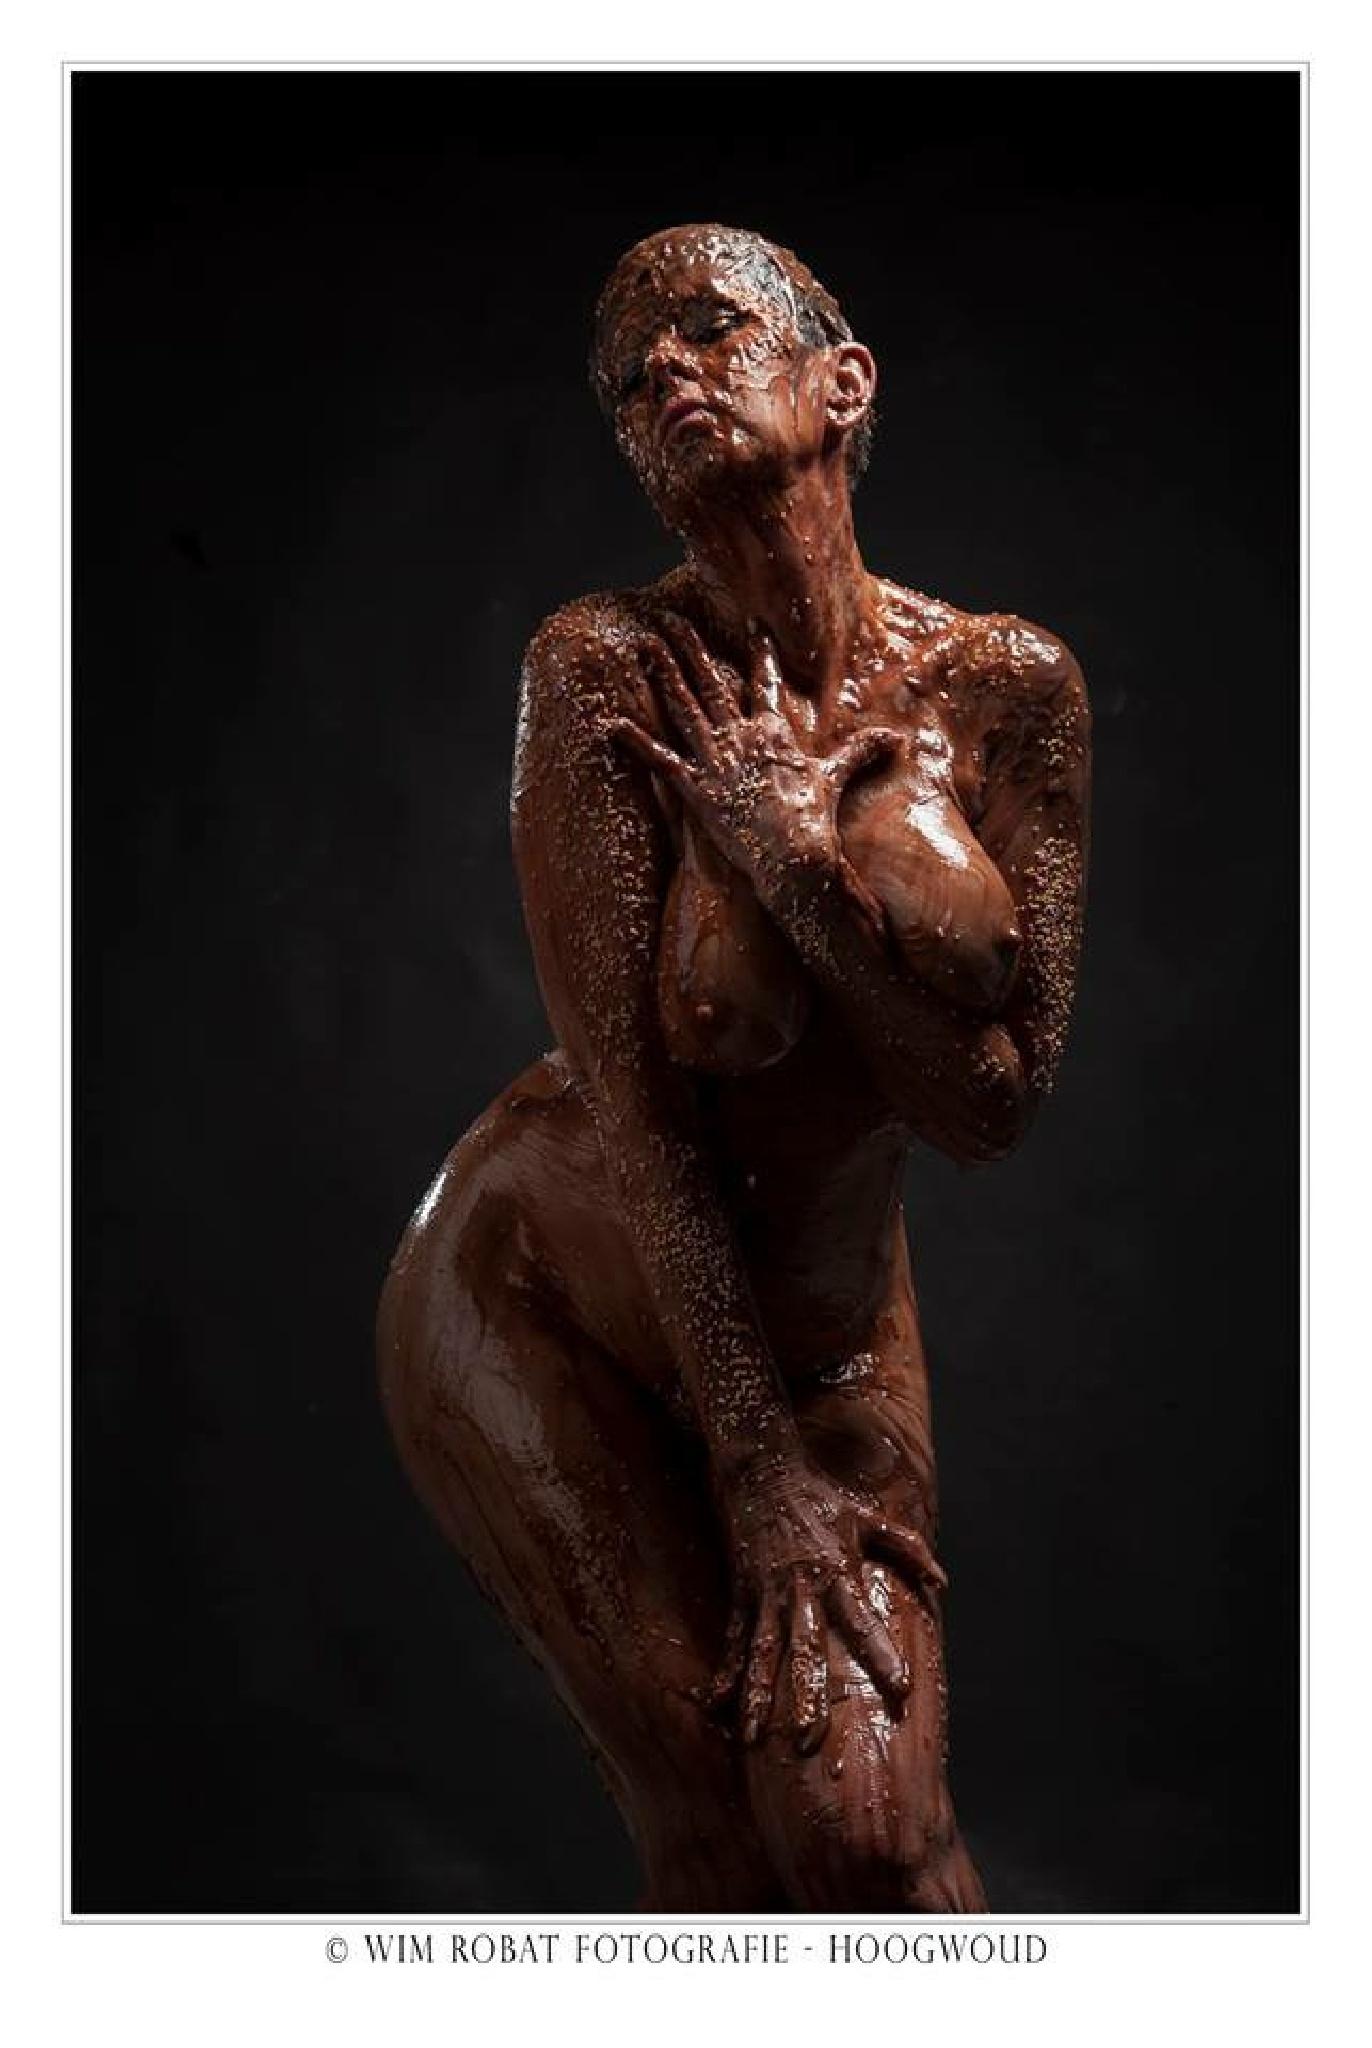 Me-Model by Wim Robat